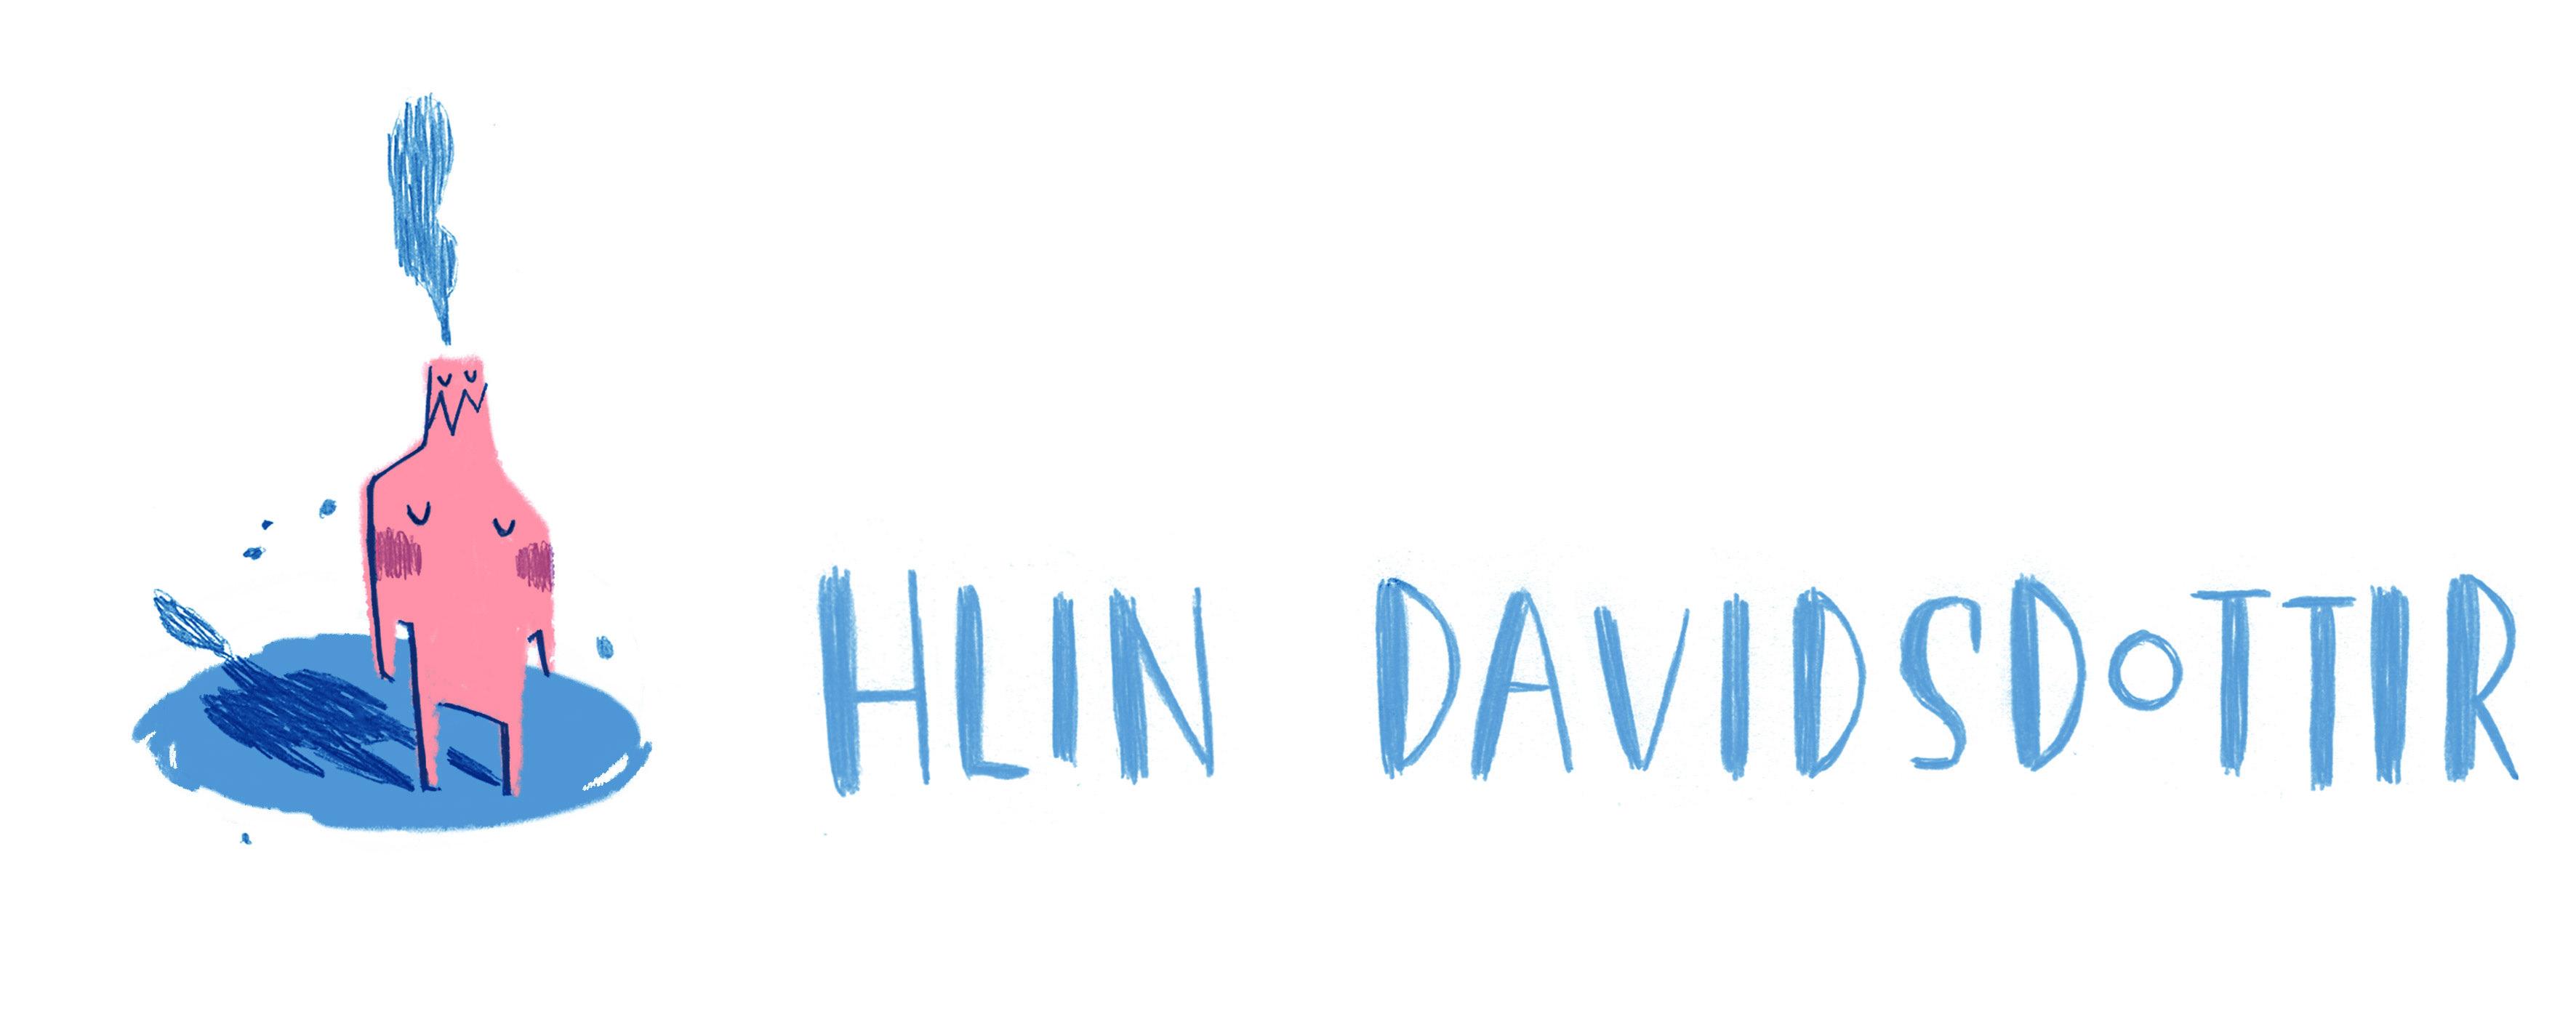 Hlin Davidsdottir